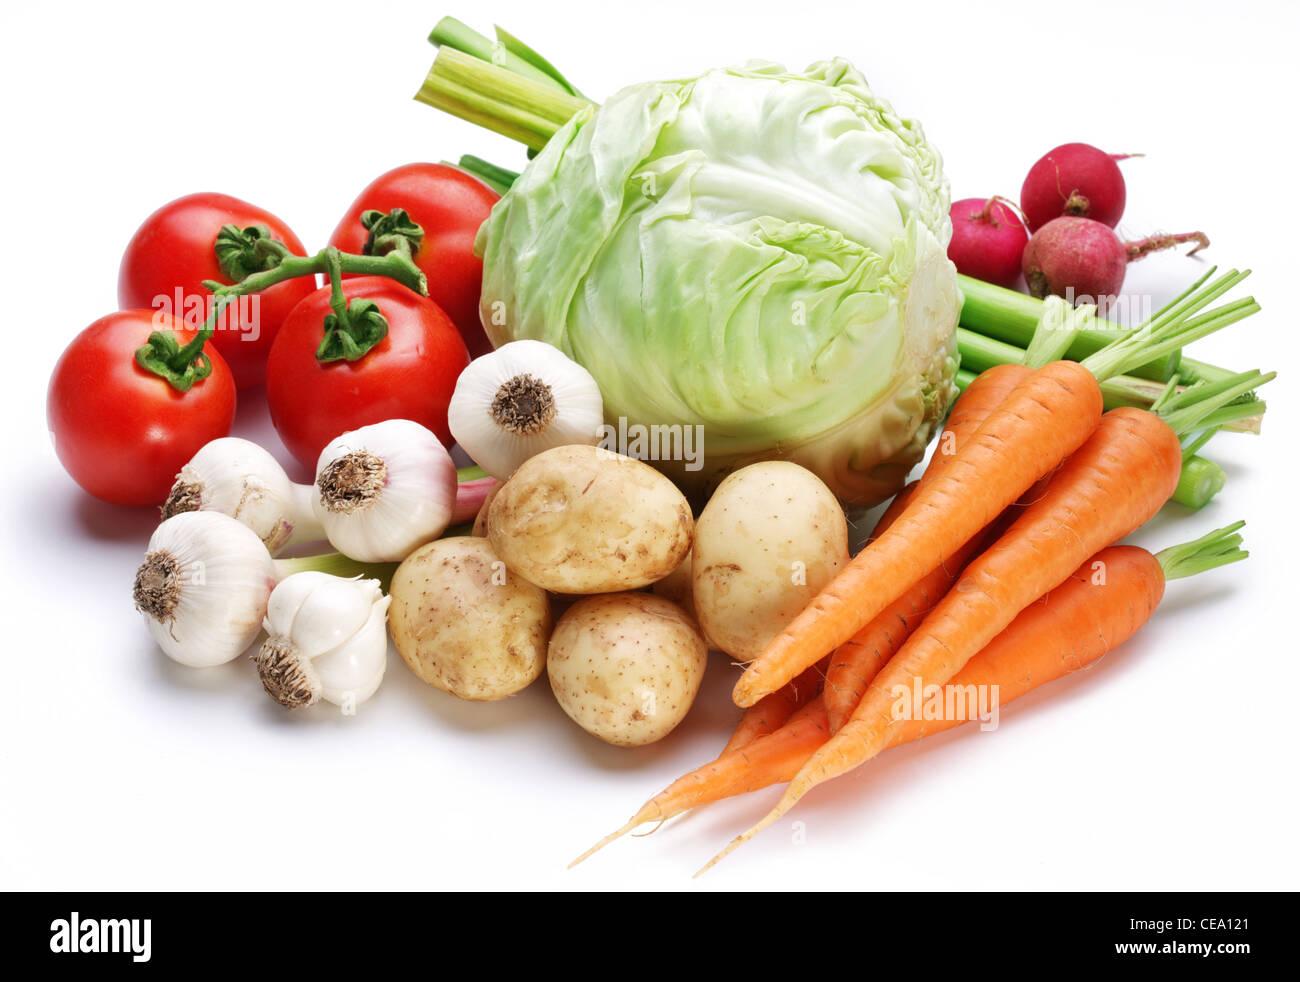 Verdure su sfondo bianco Immagini Stock